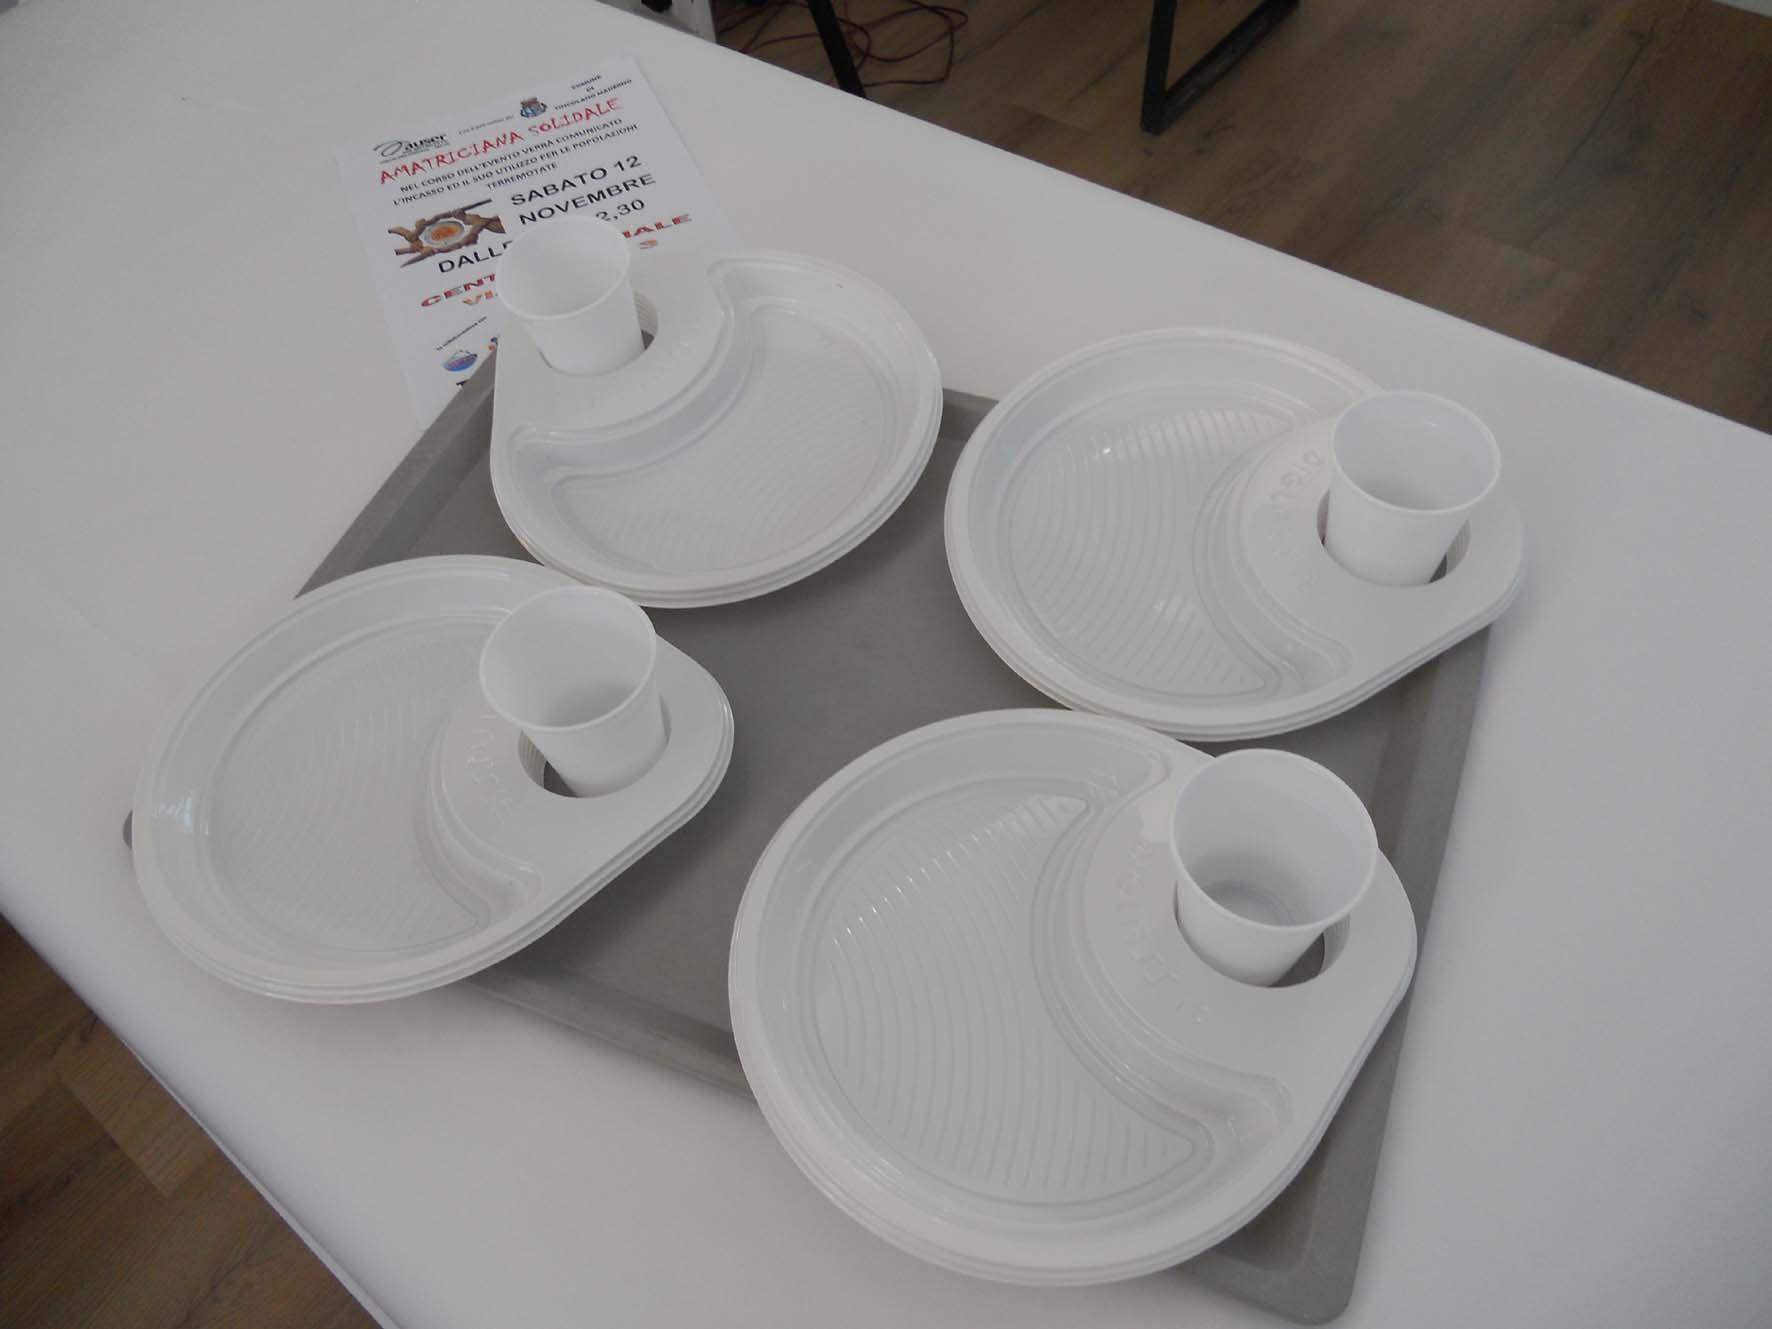 piatti usa e getta ideale per lo street food, catering e meeting